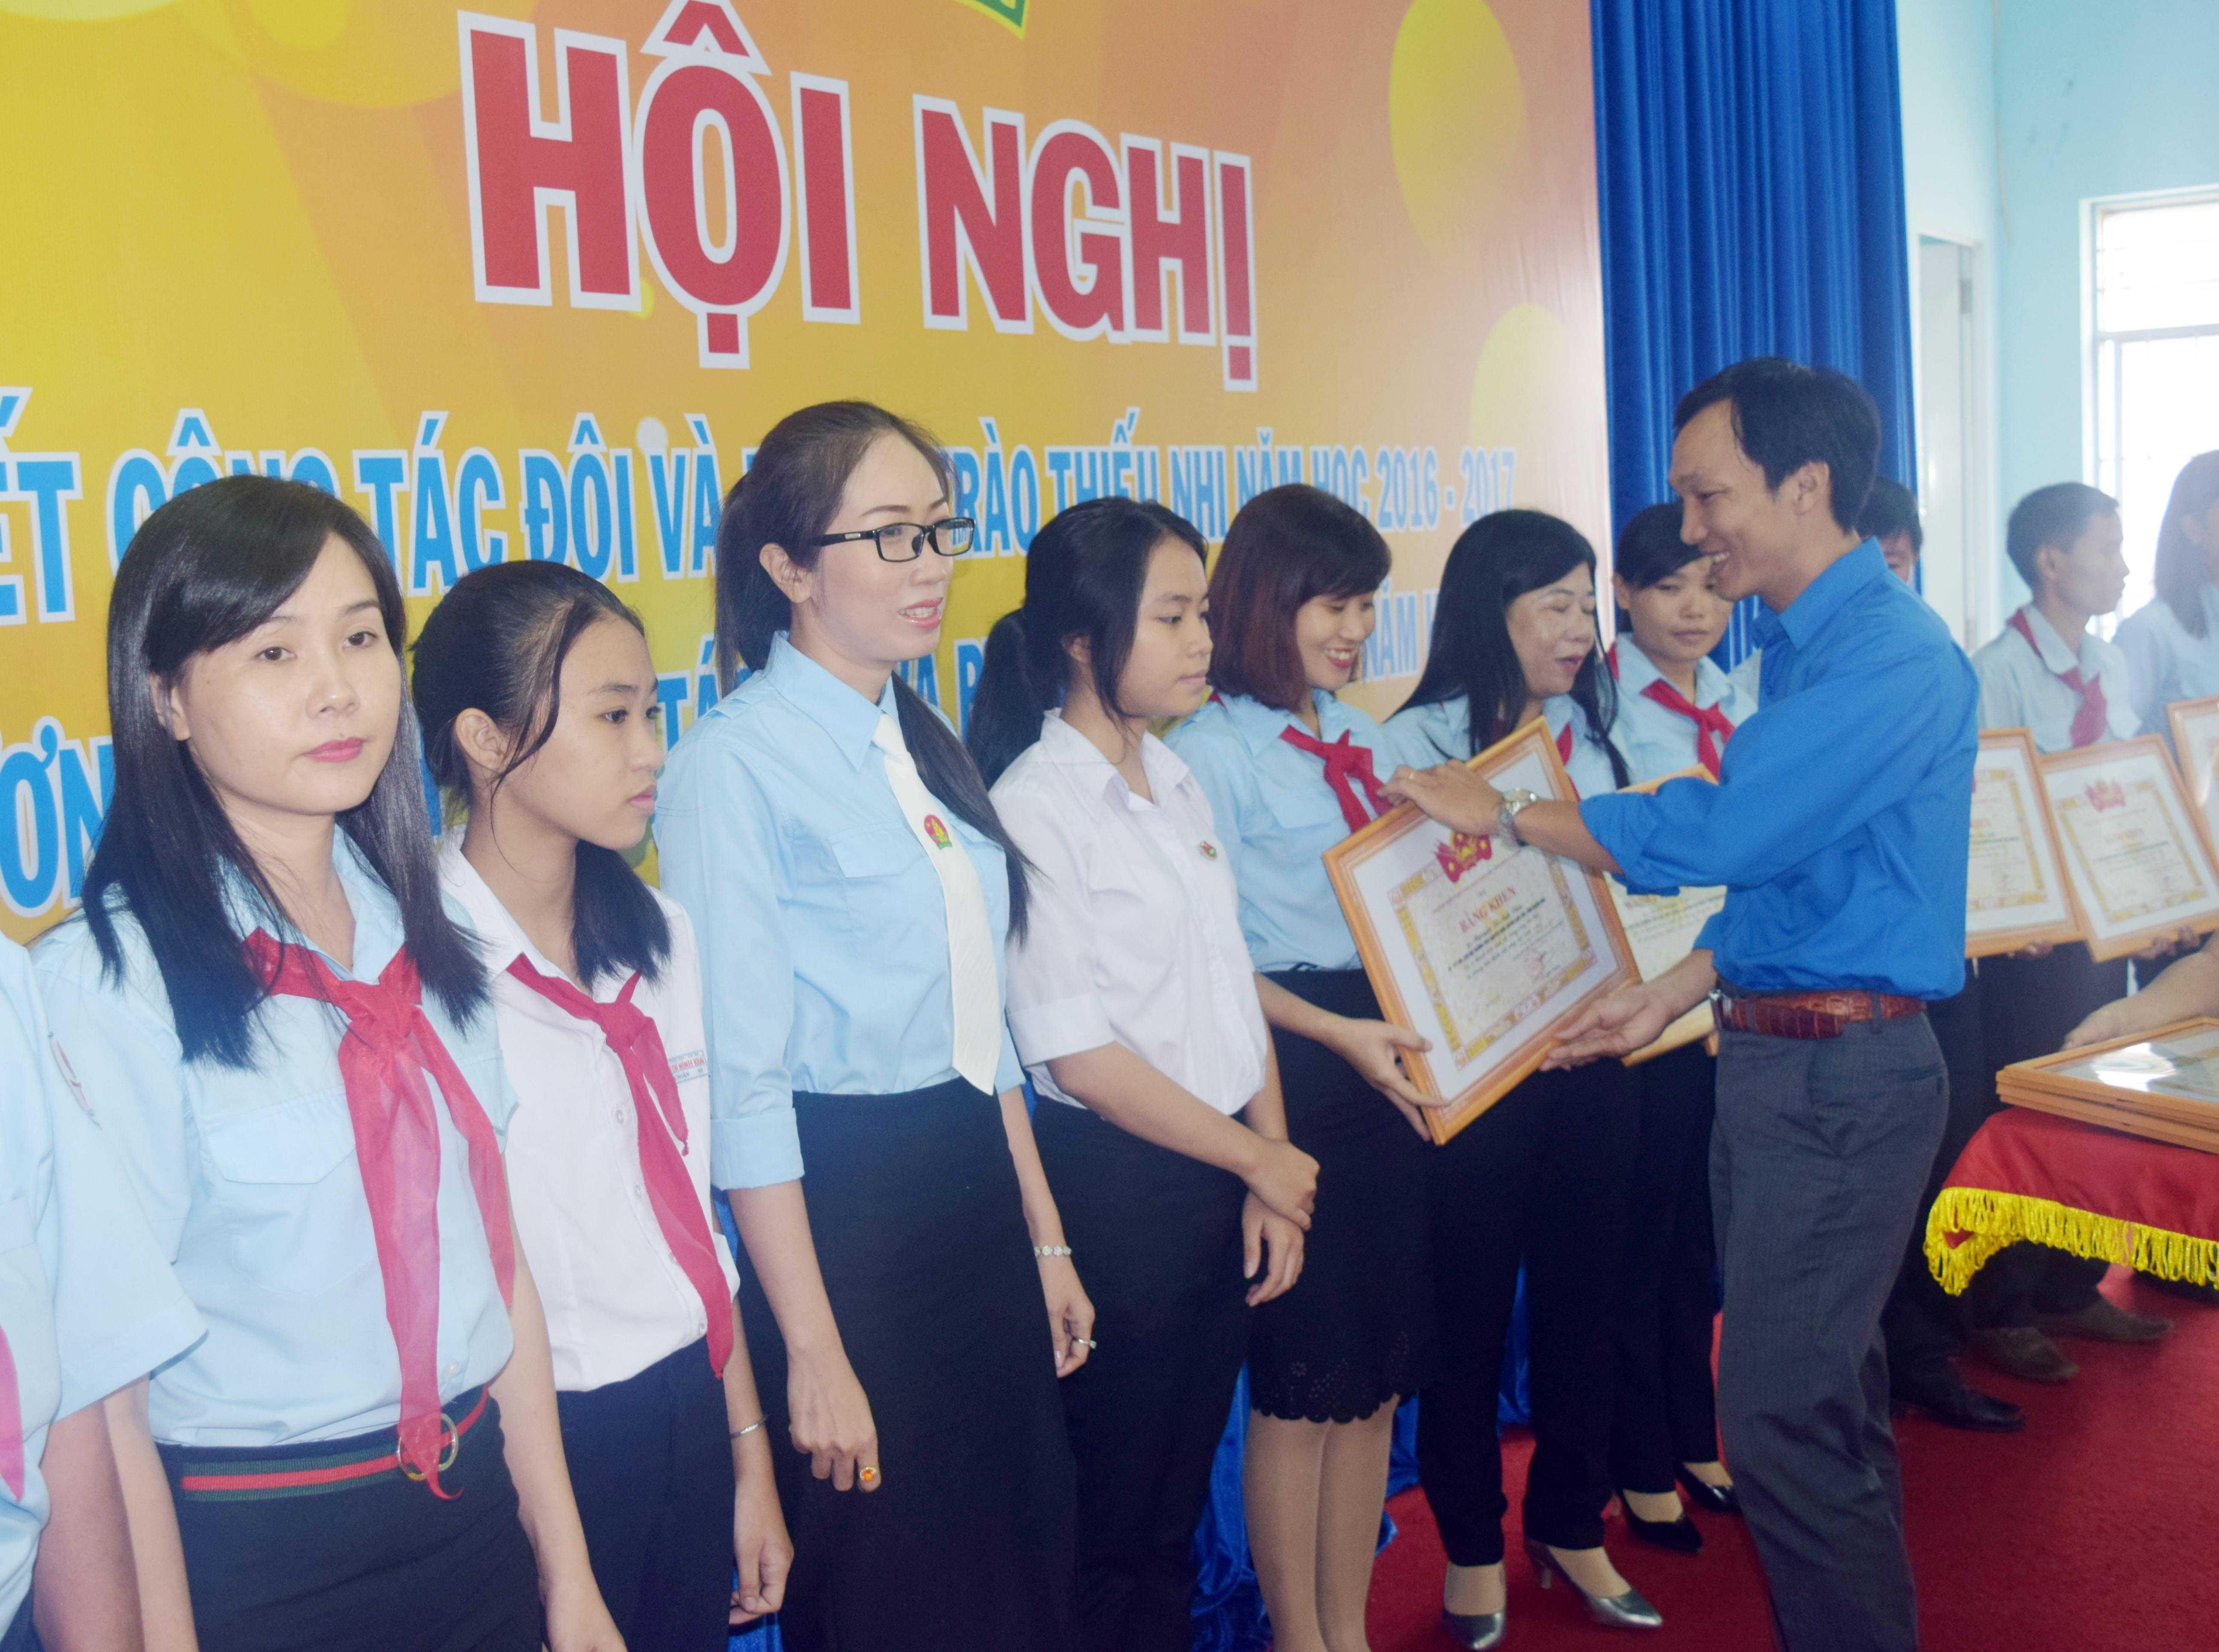 images 2017 hoi dong doi tinh tong ket 2016 2017 dsc 0181 4cd98 - 22 tập thể, 22 cá nhân được Trung ương Đoàn tặng bằng khen vì có thành tích xuất sắc trong hoạt động công tác Đội và phong trào thiếu nhi năm học 2016-2017